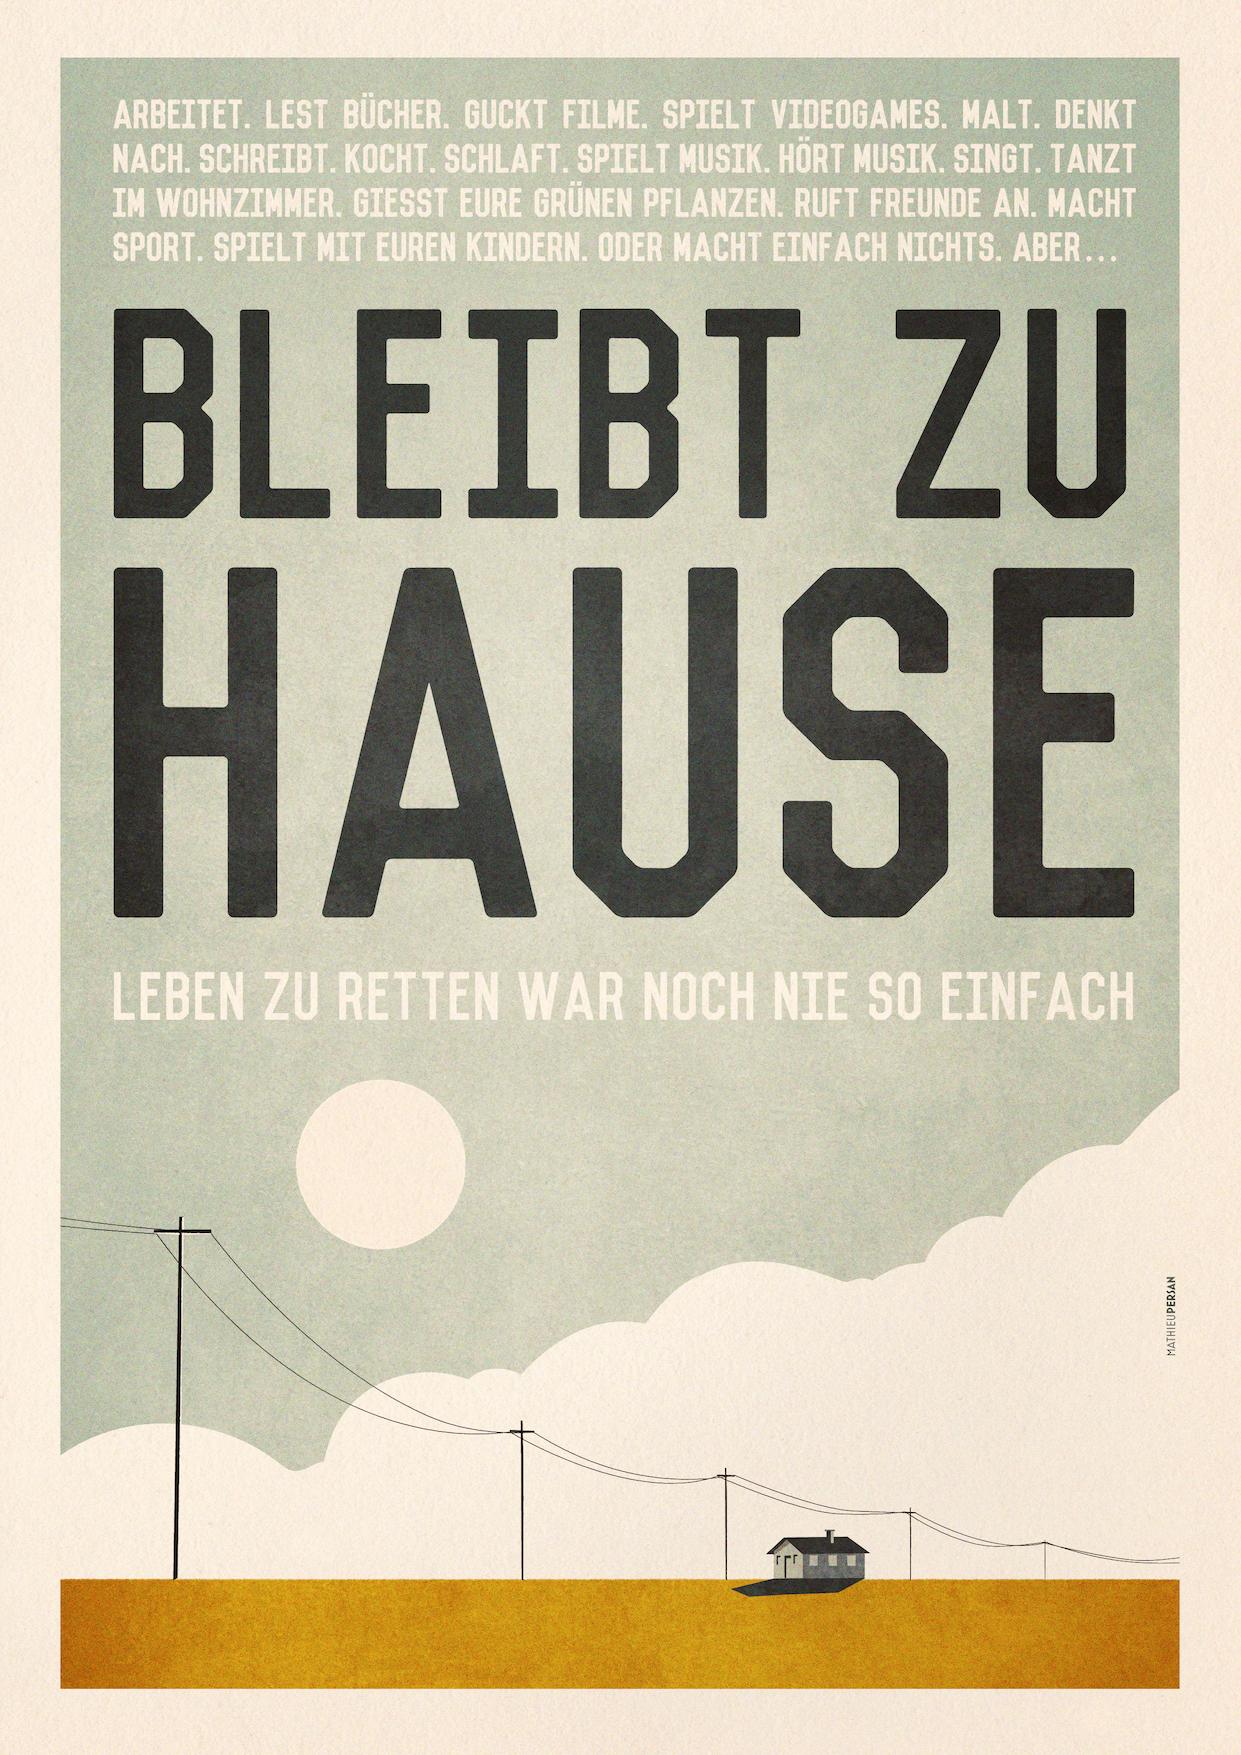 """Affiche de l'illustrateur français Mathieu Persan avec slogan """"Bleibt zu Hause"""" pour inciter à rester chez soi pendant la crise du coronavirus"""